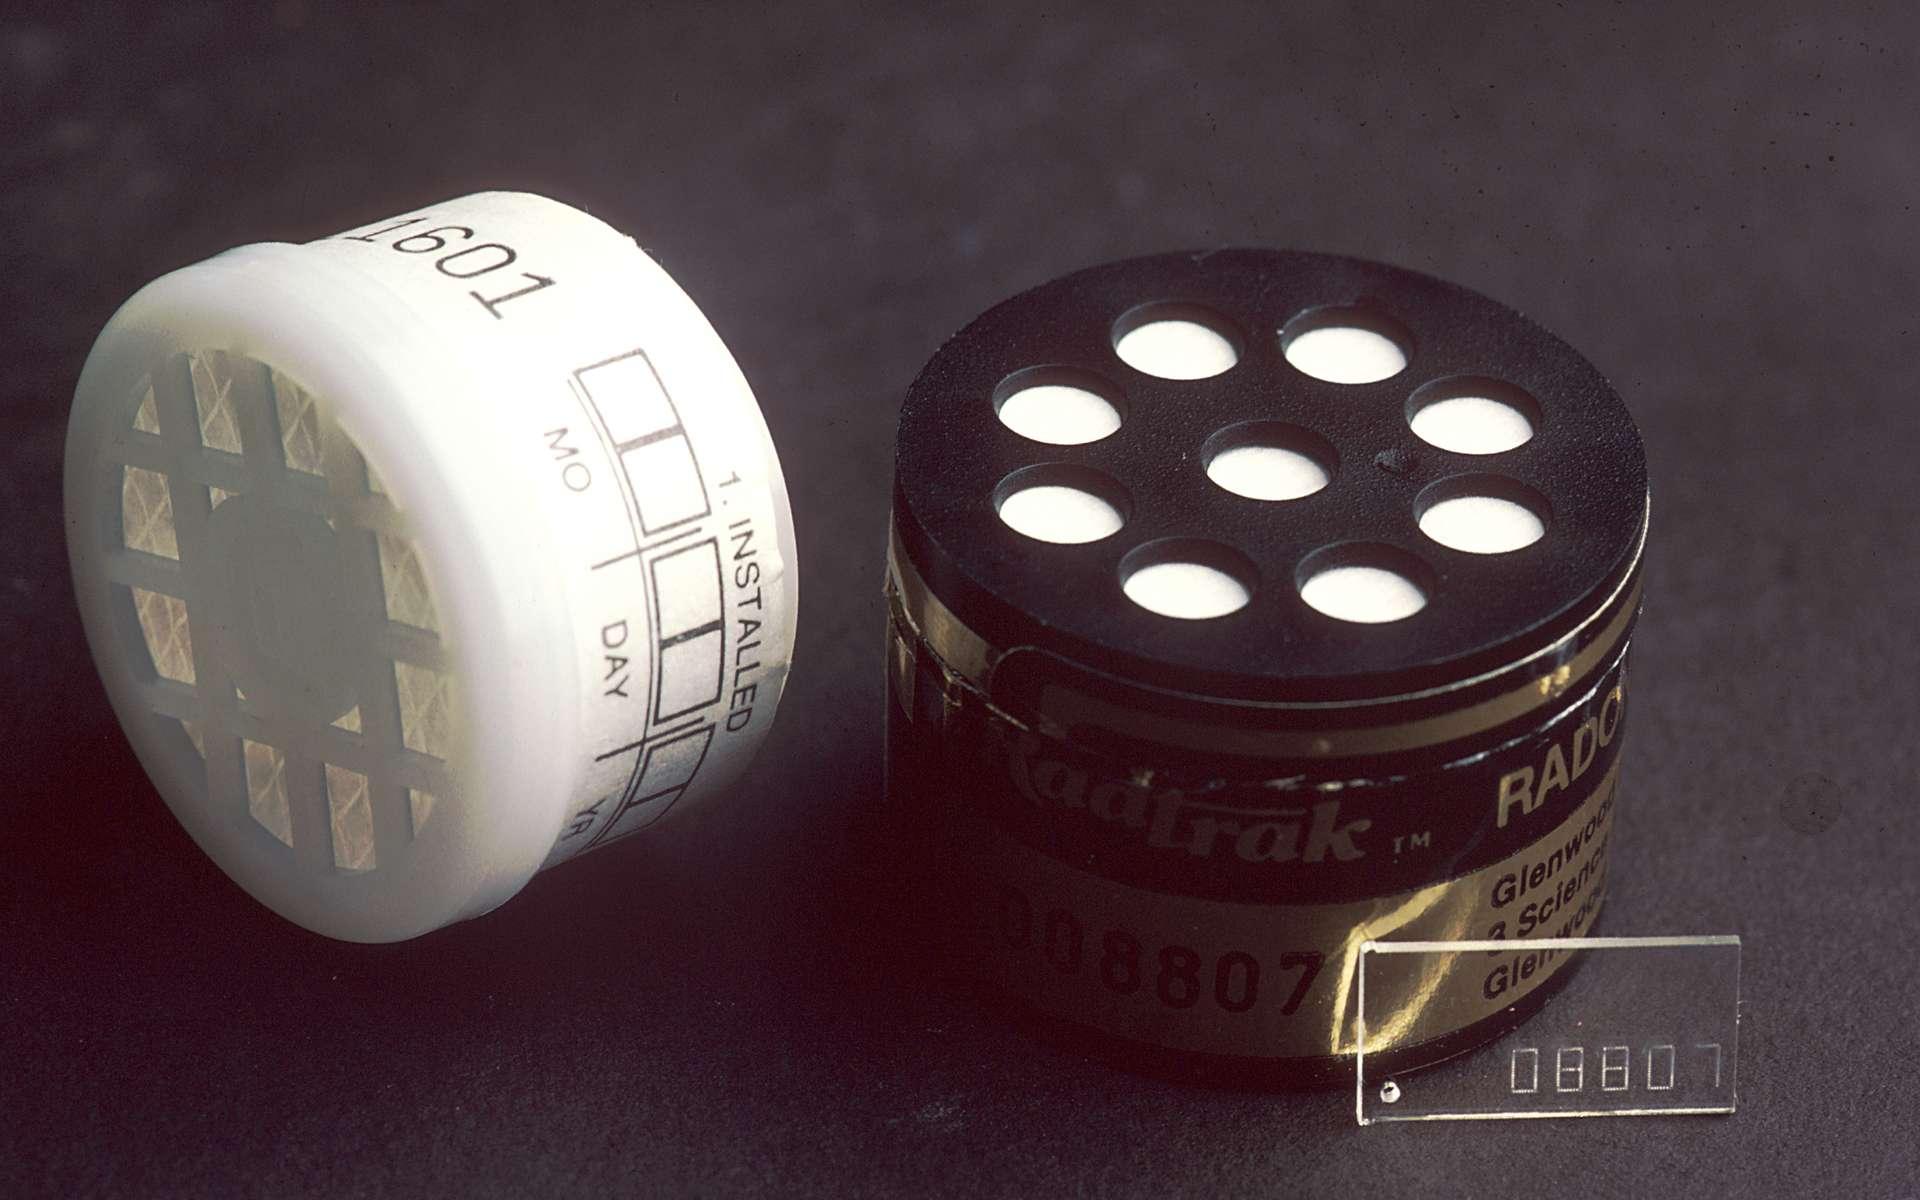 Il existe des kits permettant de détecter le radon ; ce gaz noble radioactif est un cancérogène probable. © visualsonline.cancer.gov, via Wikimedia Commons, DP